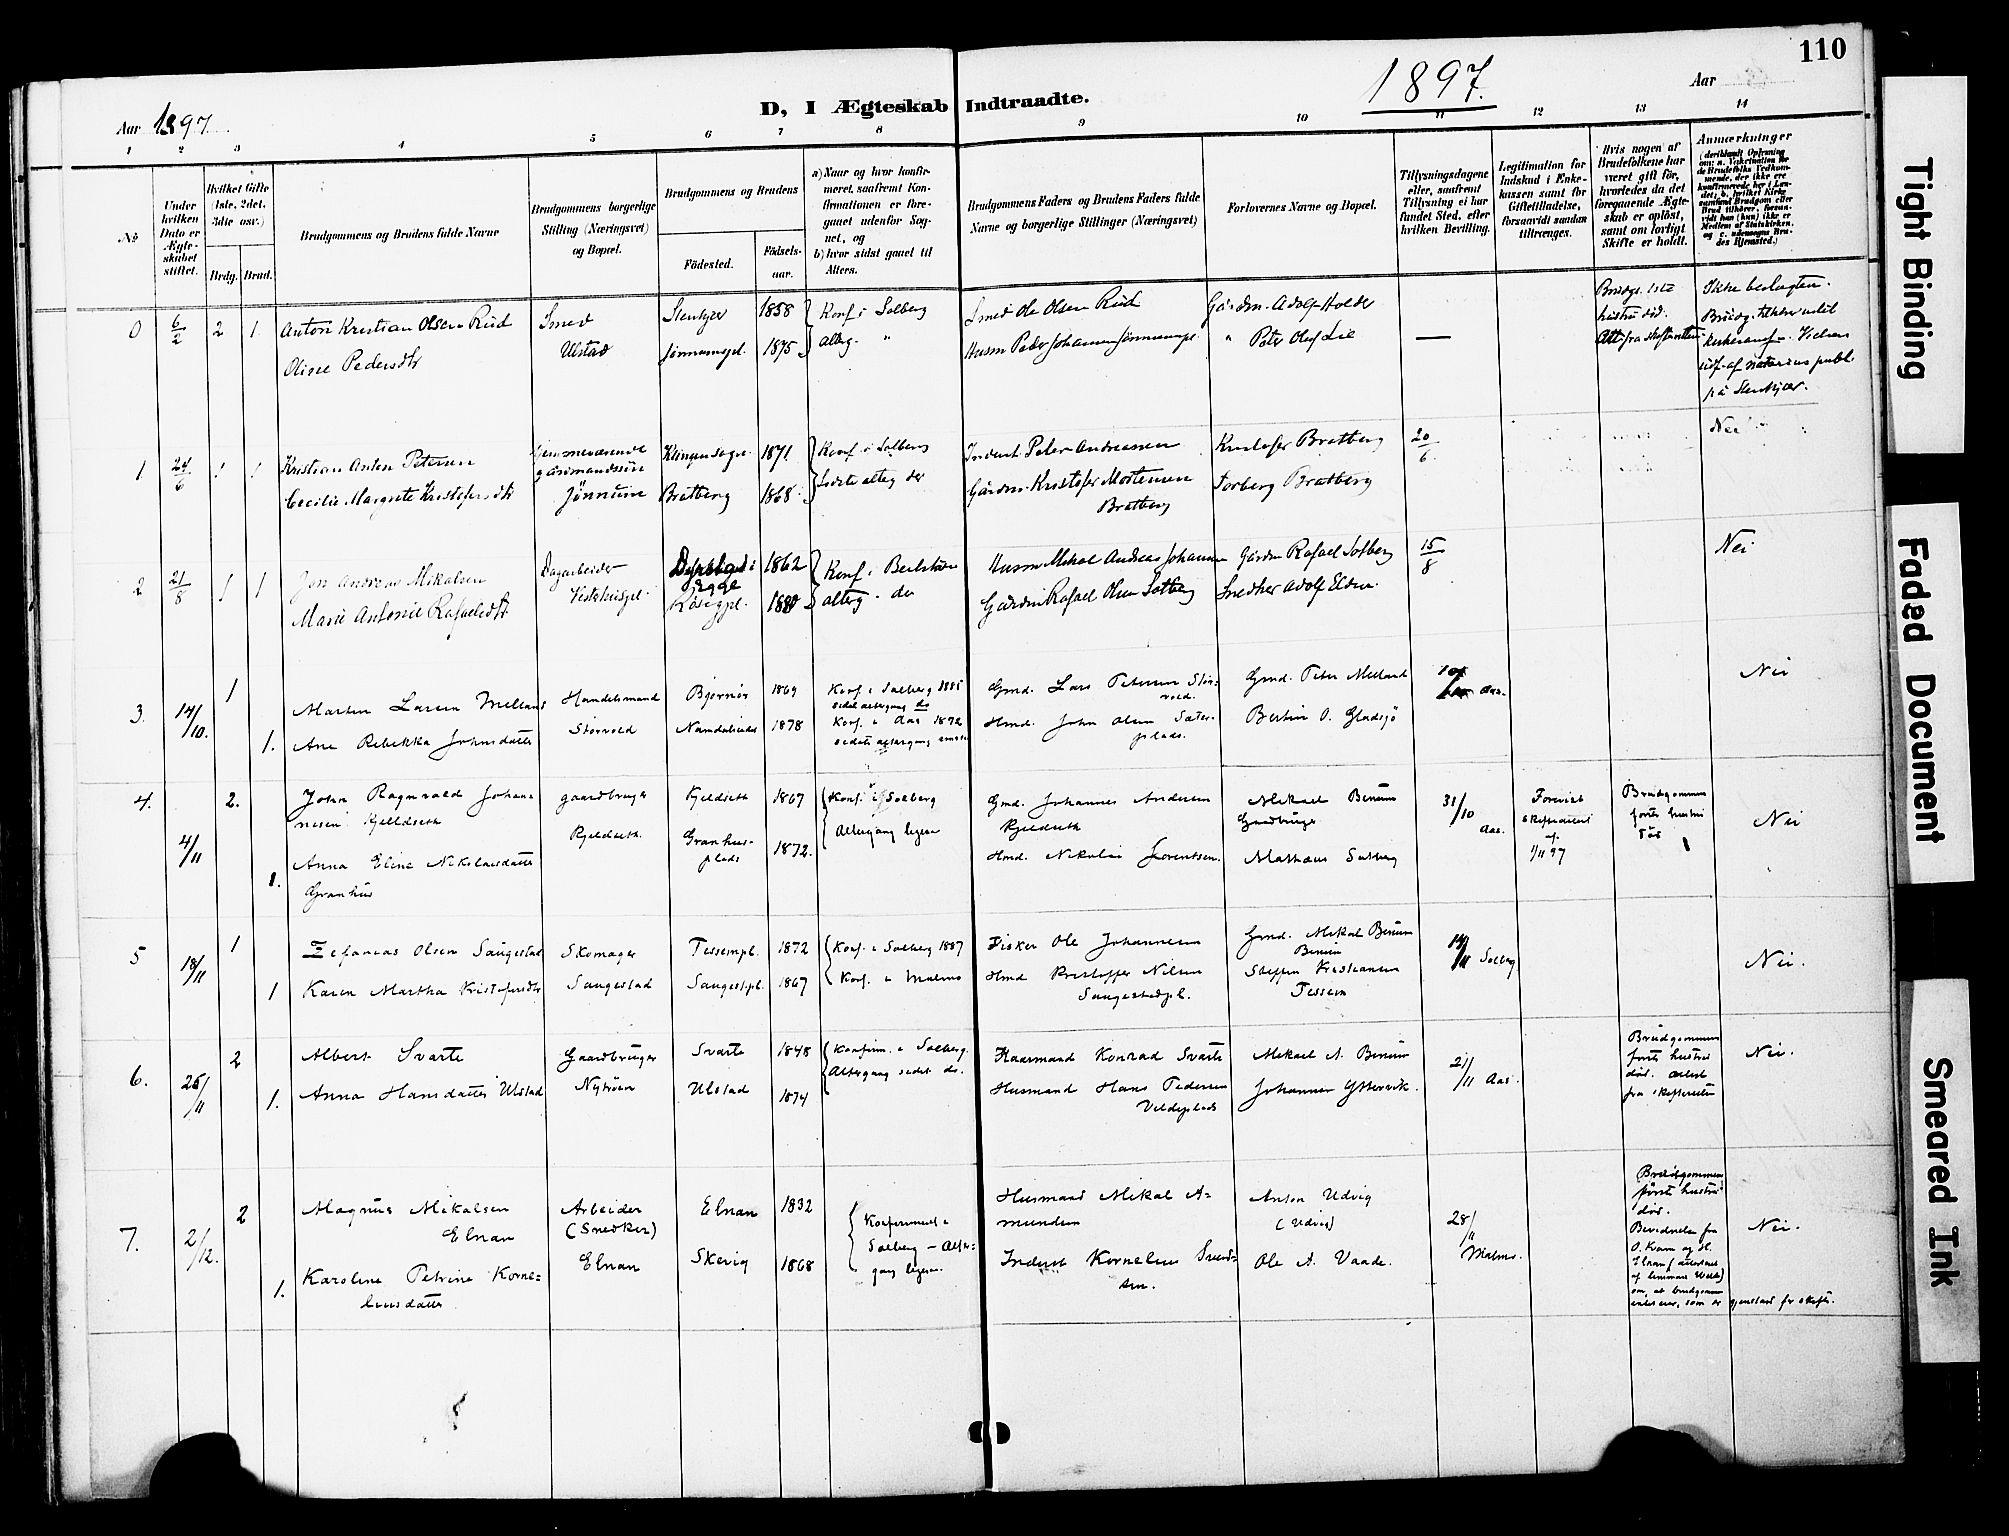 SAT, Ministerialprotokoller, klokkerbøker og fødselsregistre - Nord-Trøndelag, 741/L0396: Ministerialbok nr. 741A10, 1889-1901, s. 110